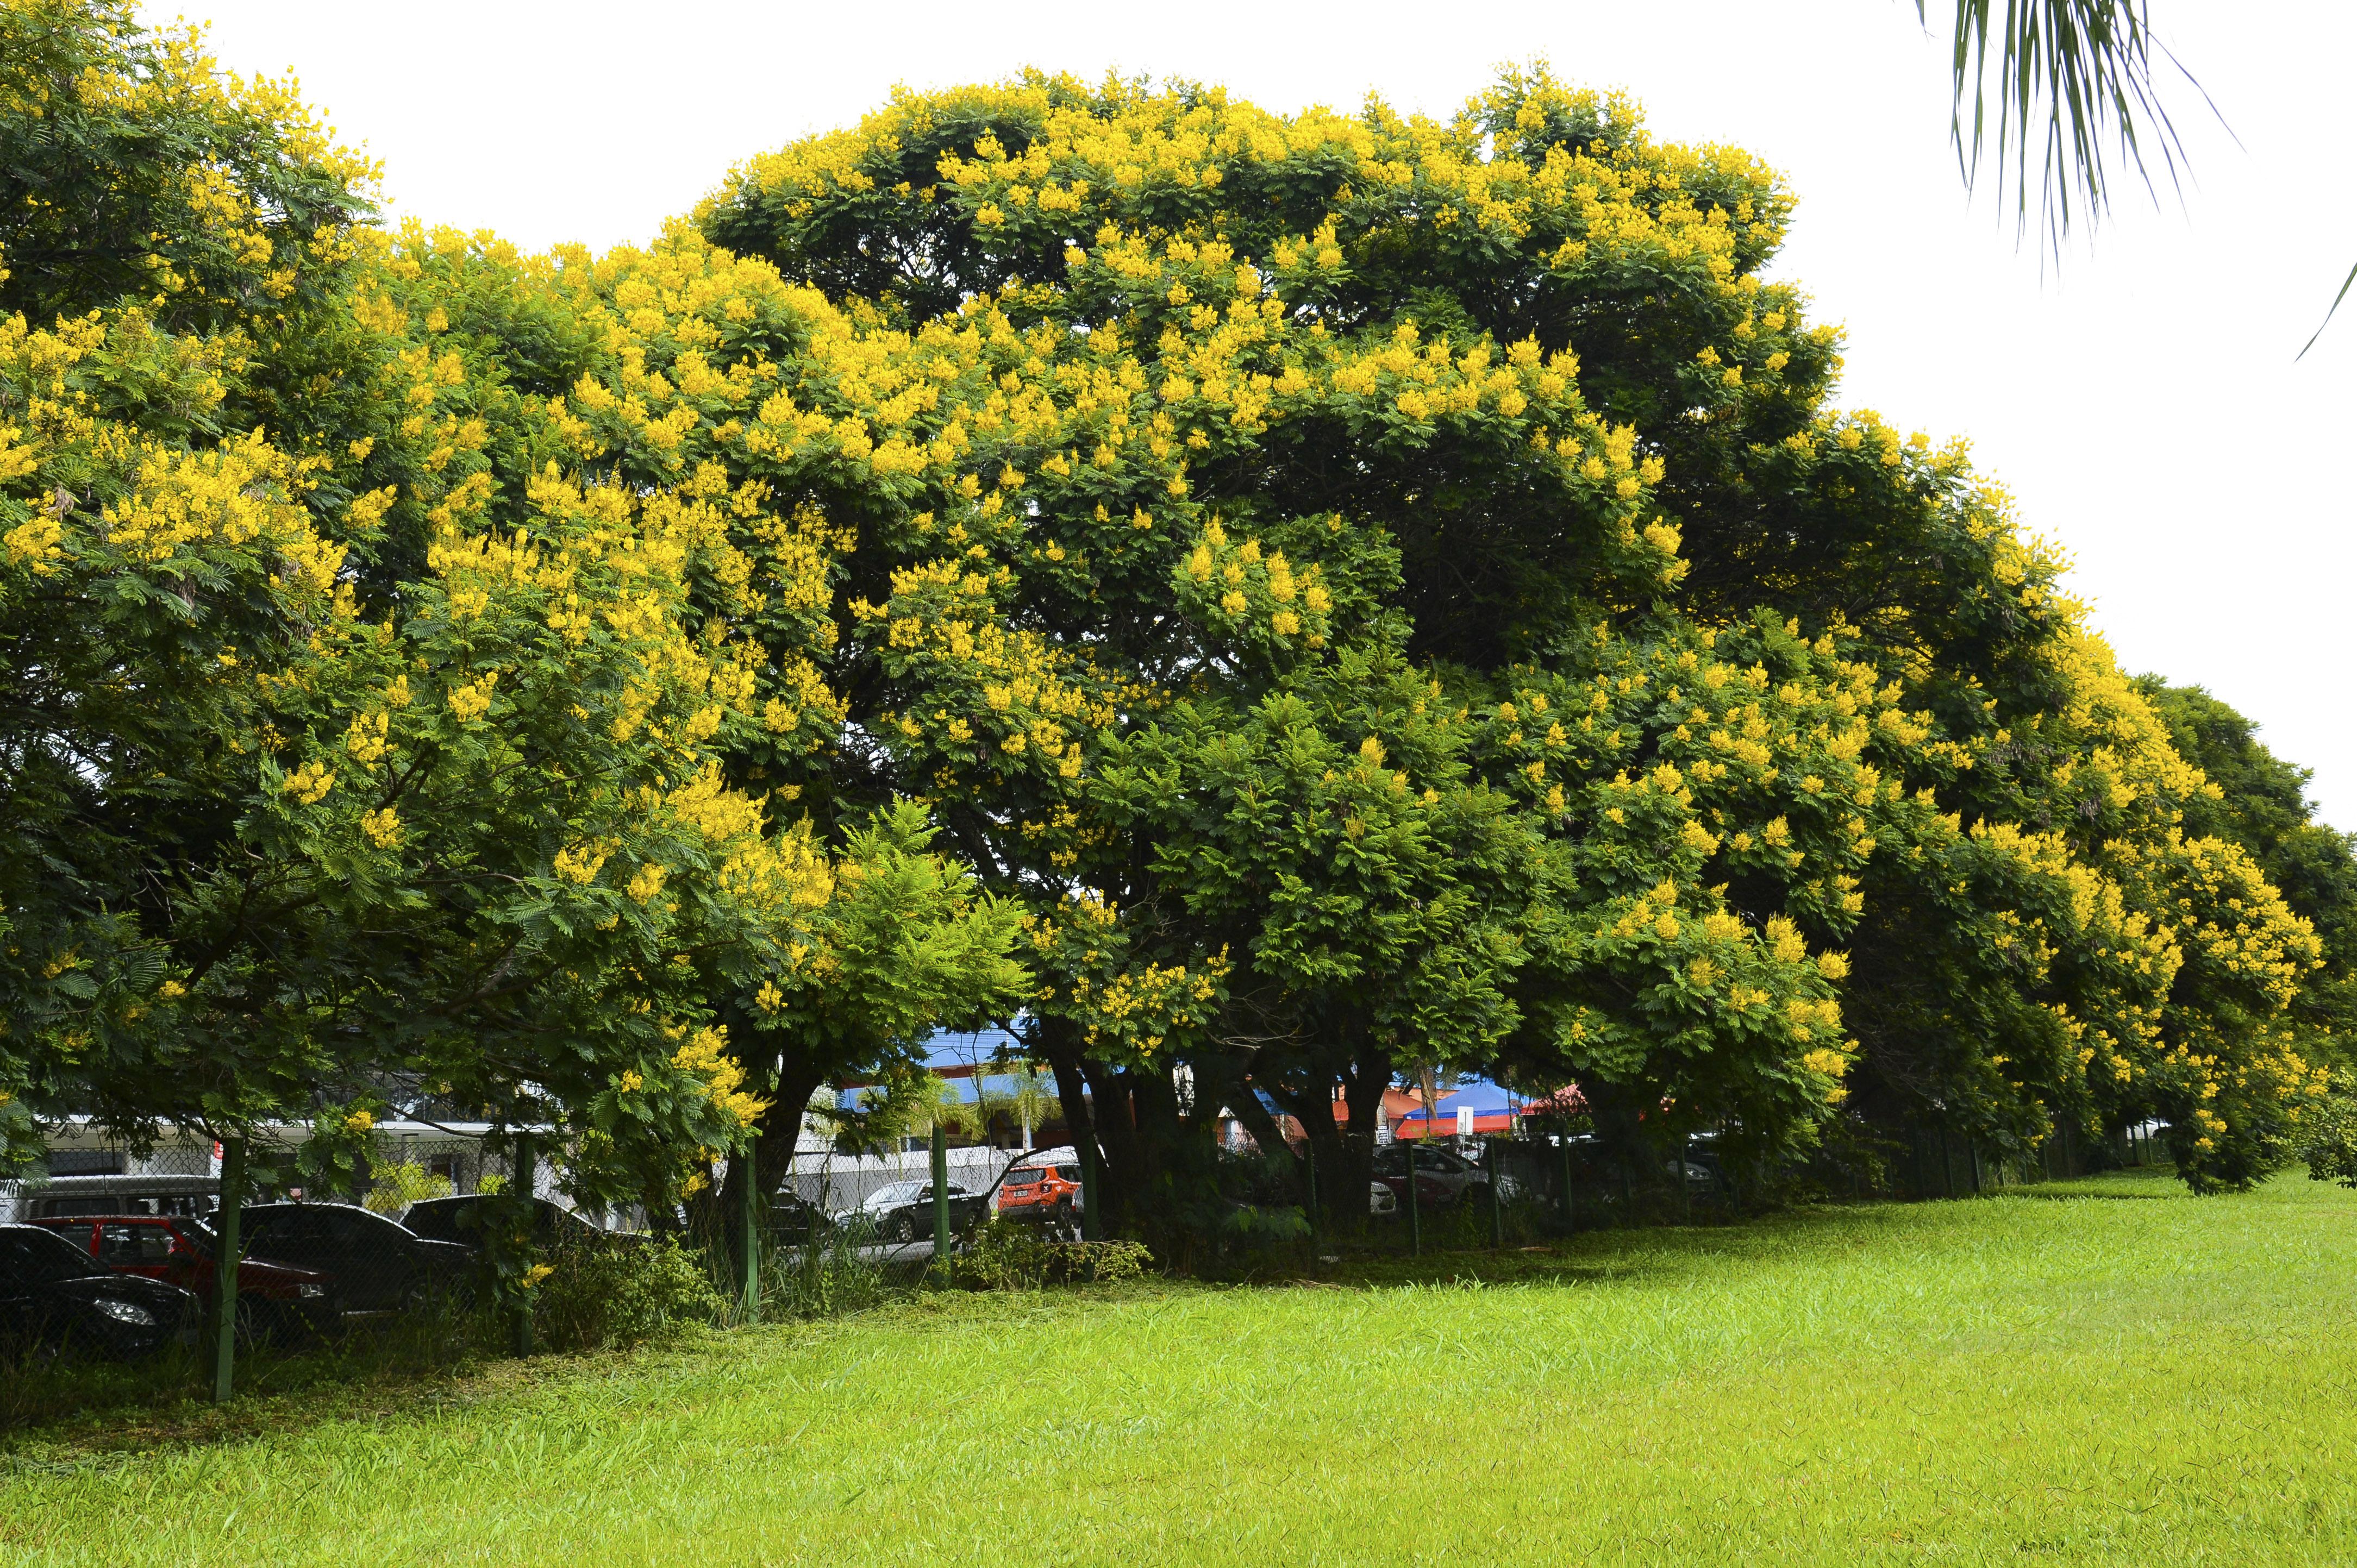 Árvores da espécie Peltophorum dubium, conhecida popularmente como Cambuí, enfeitam a capital federal